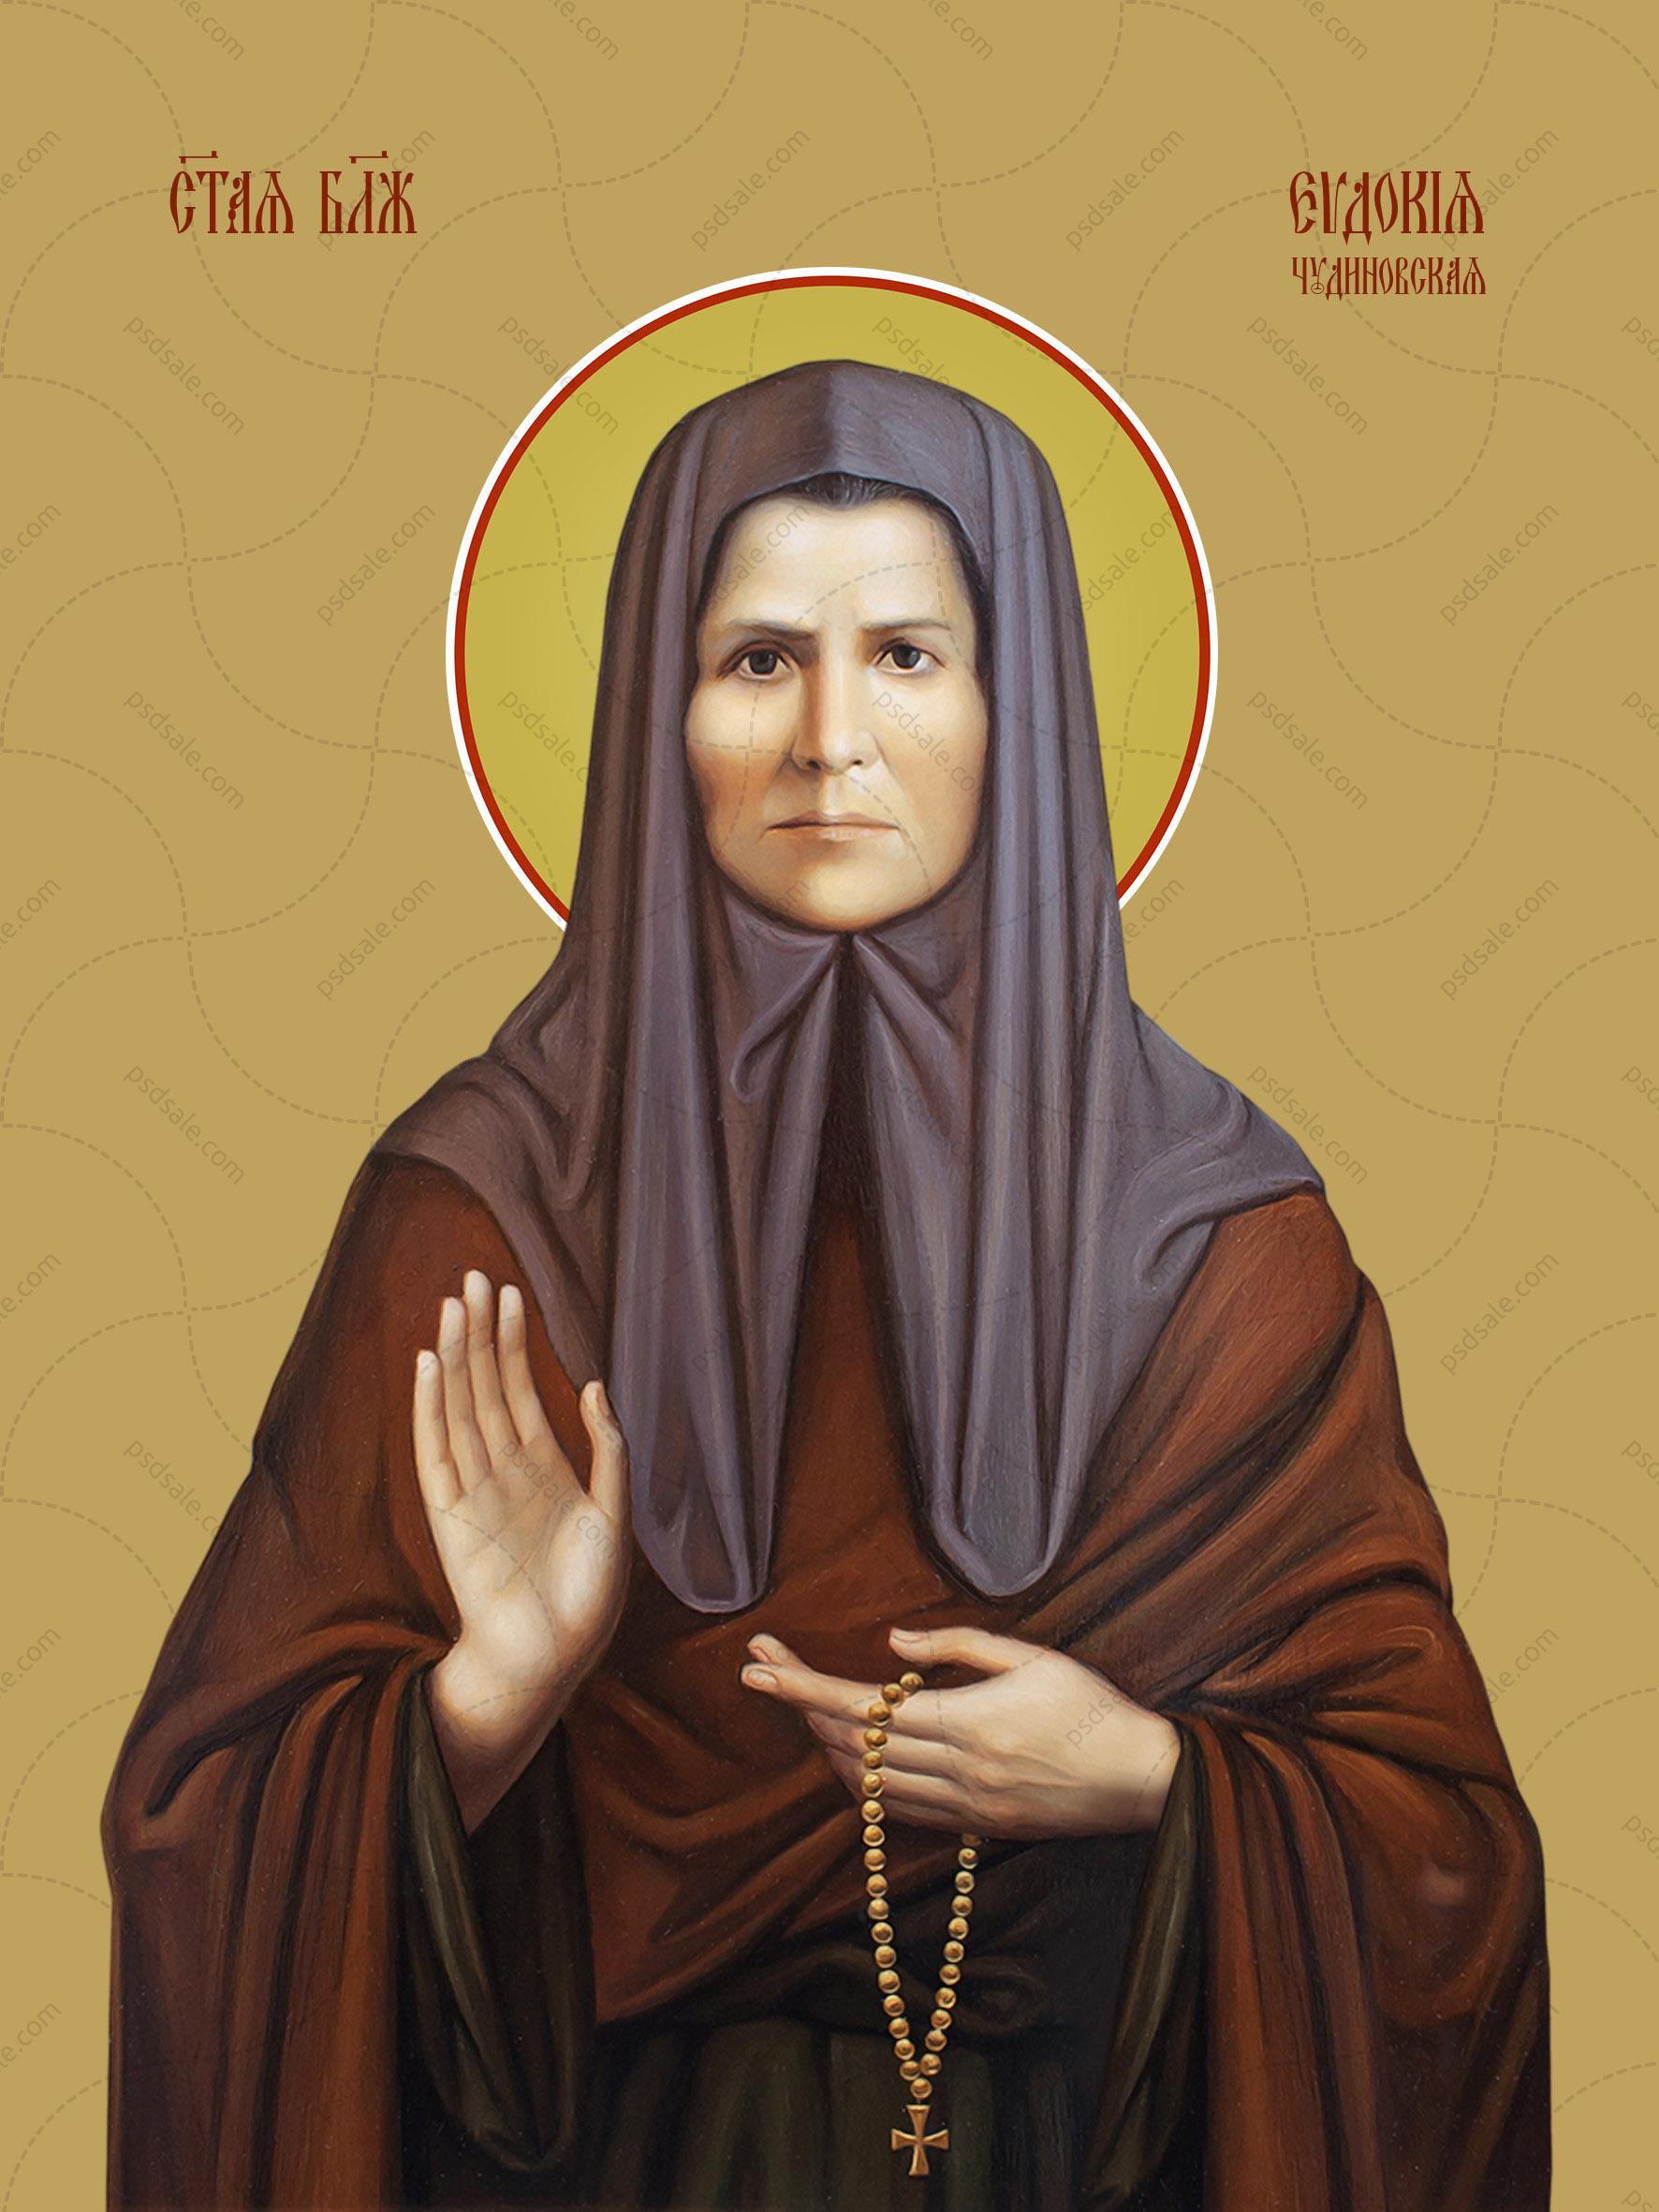 Евдокия Чудиновская, святая